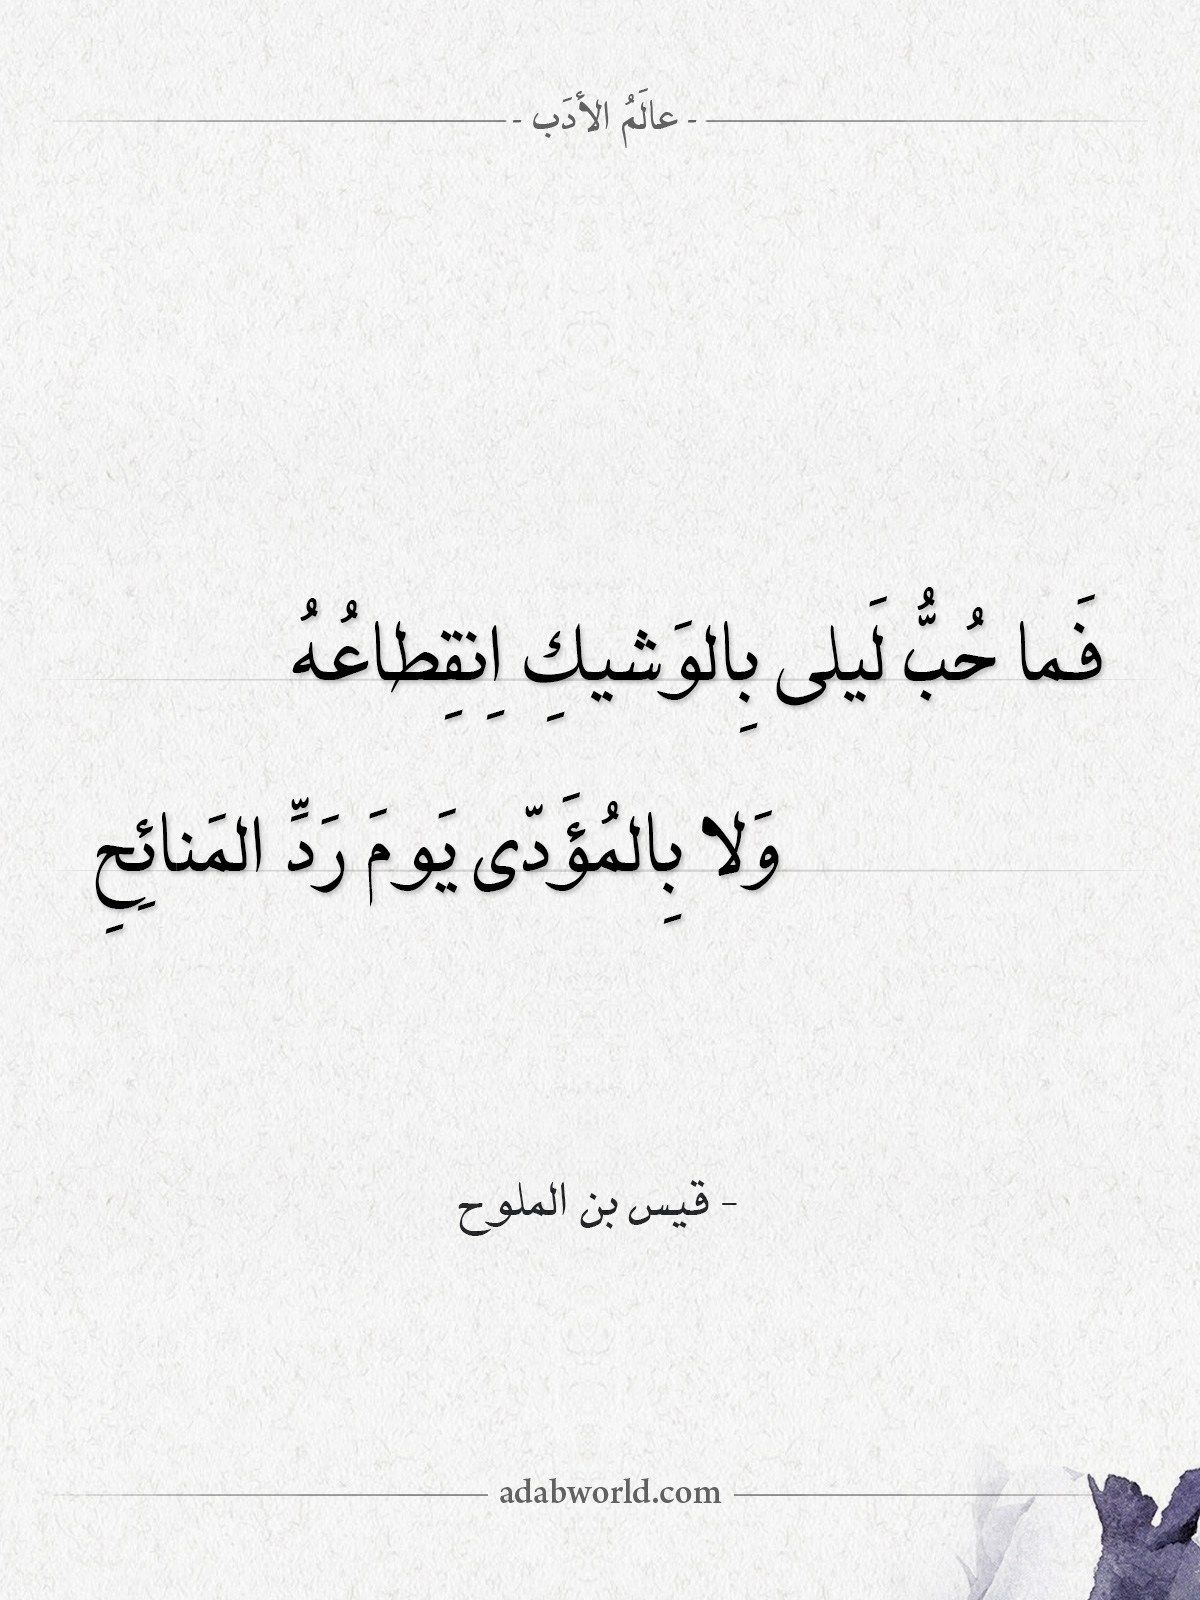 شعر قيس بن الملوح فما حب ليلى بالوشيك انقطاعه عالم الأدب In 2021 Mood Quotes Quotes Mood